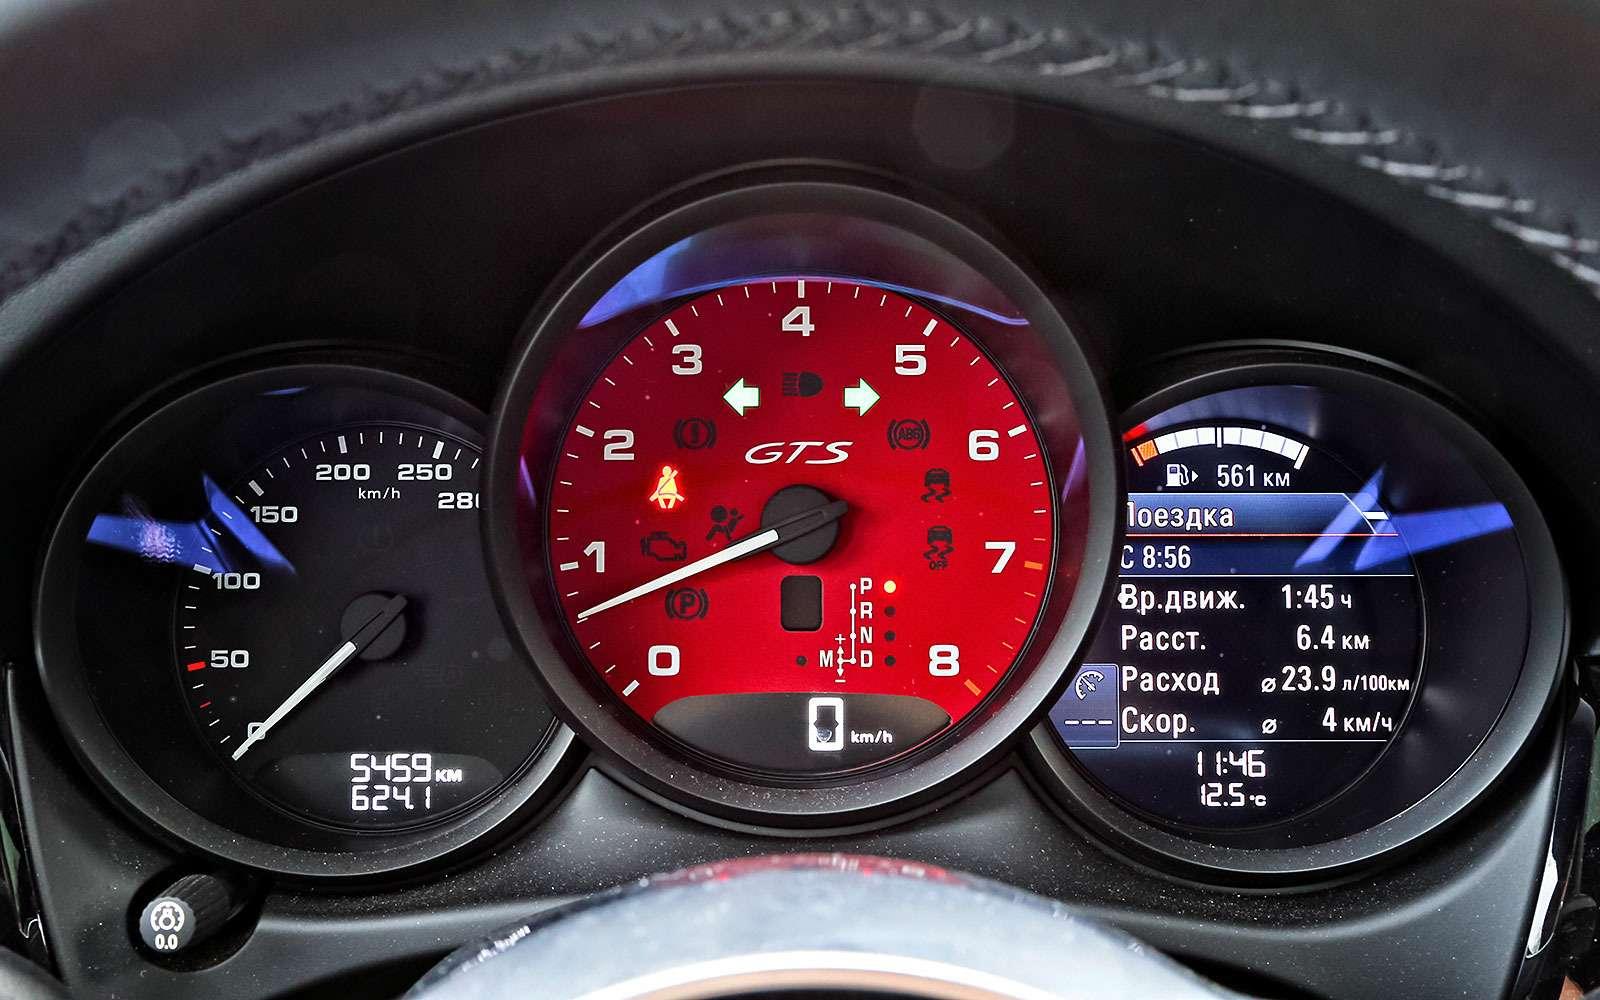 Тест премиум-кроссоверов нагоночном кольце: красная жара— фото 634493